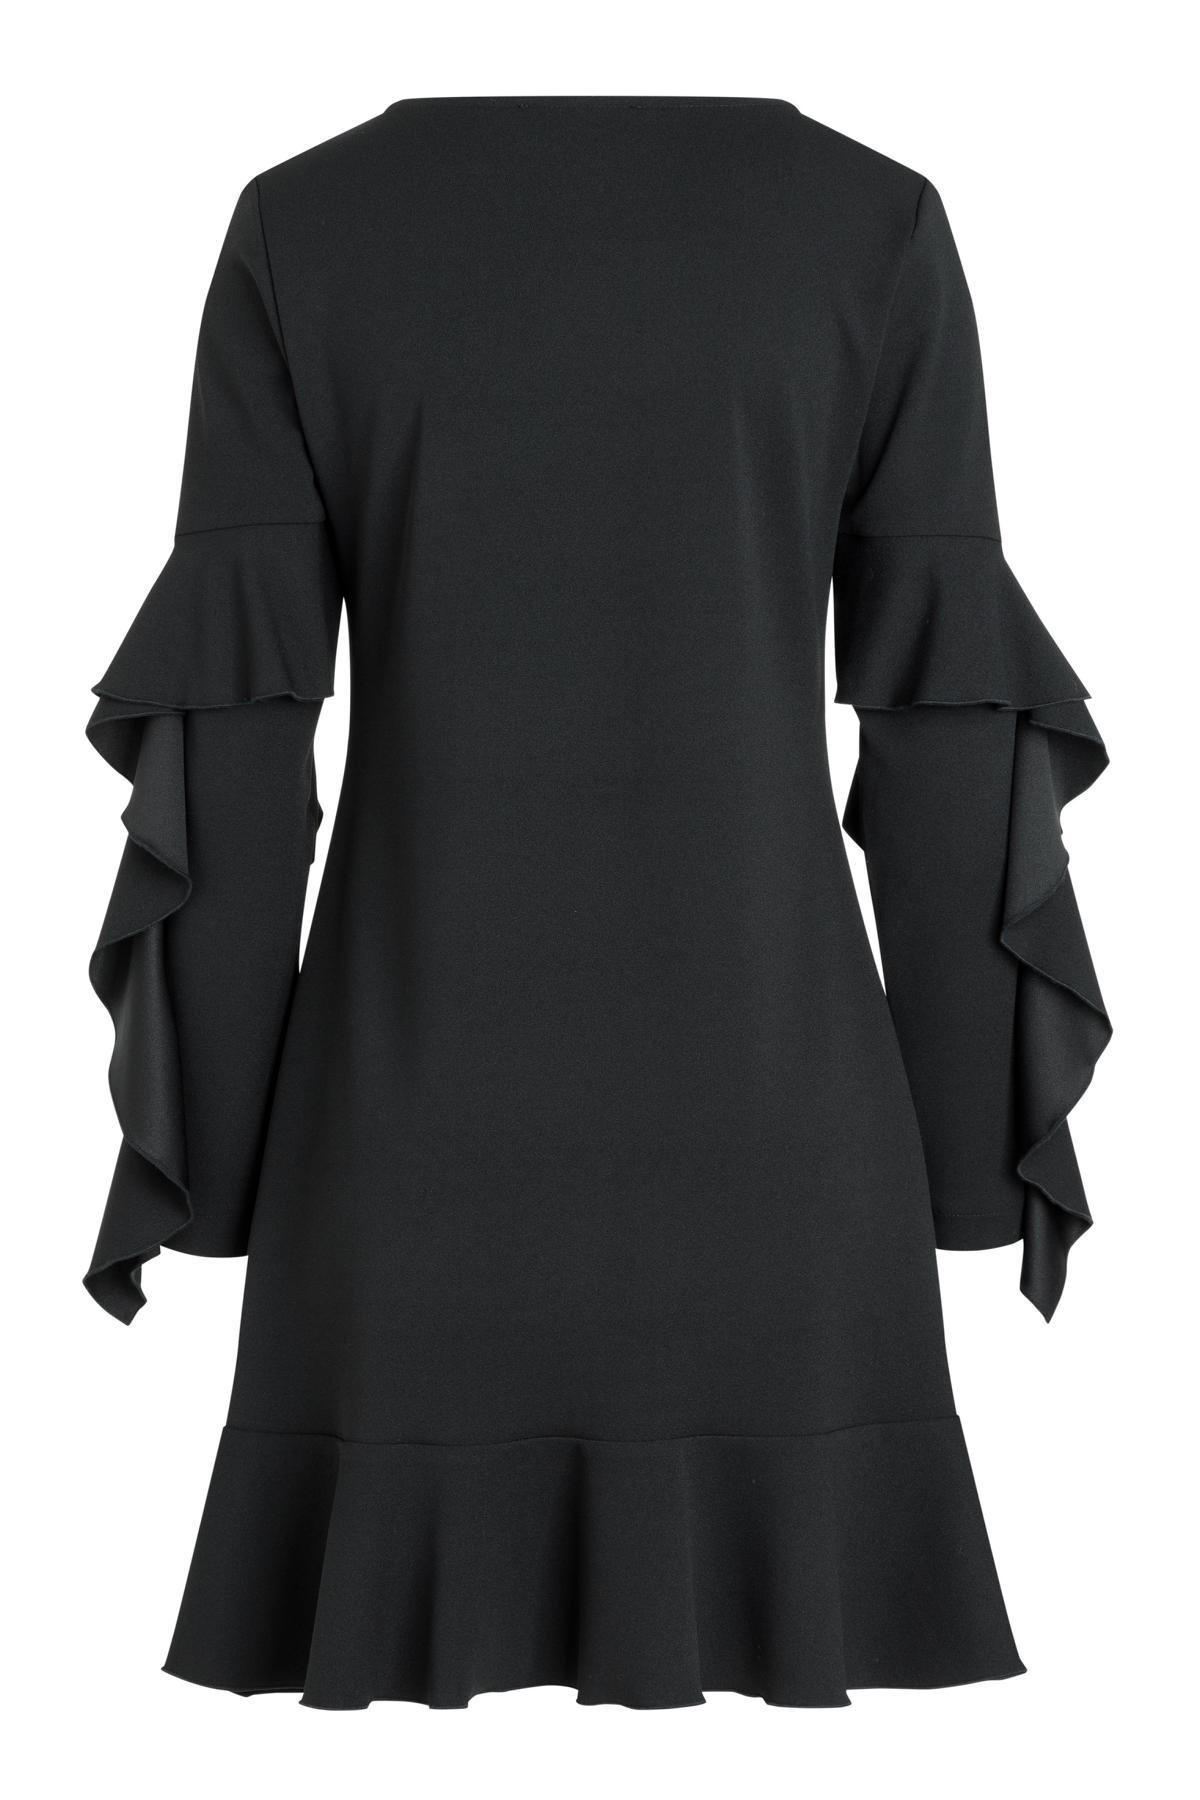 Rückansicht von Ana Alcazar Volantärmel Kleid Romy Schwarz